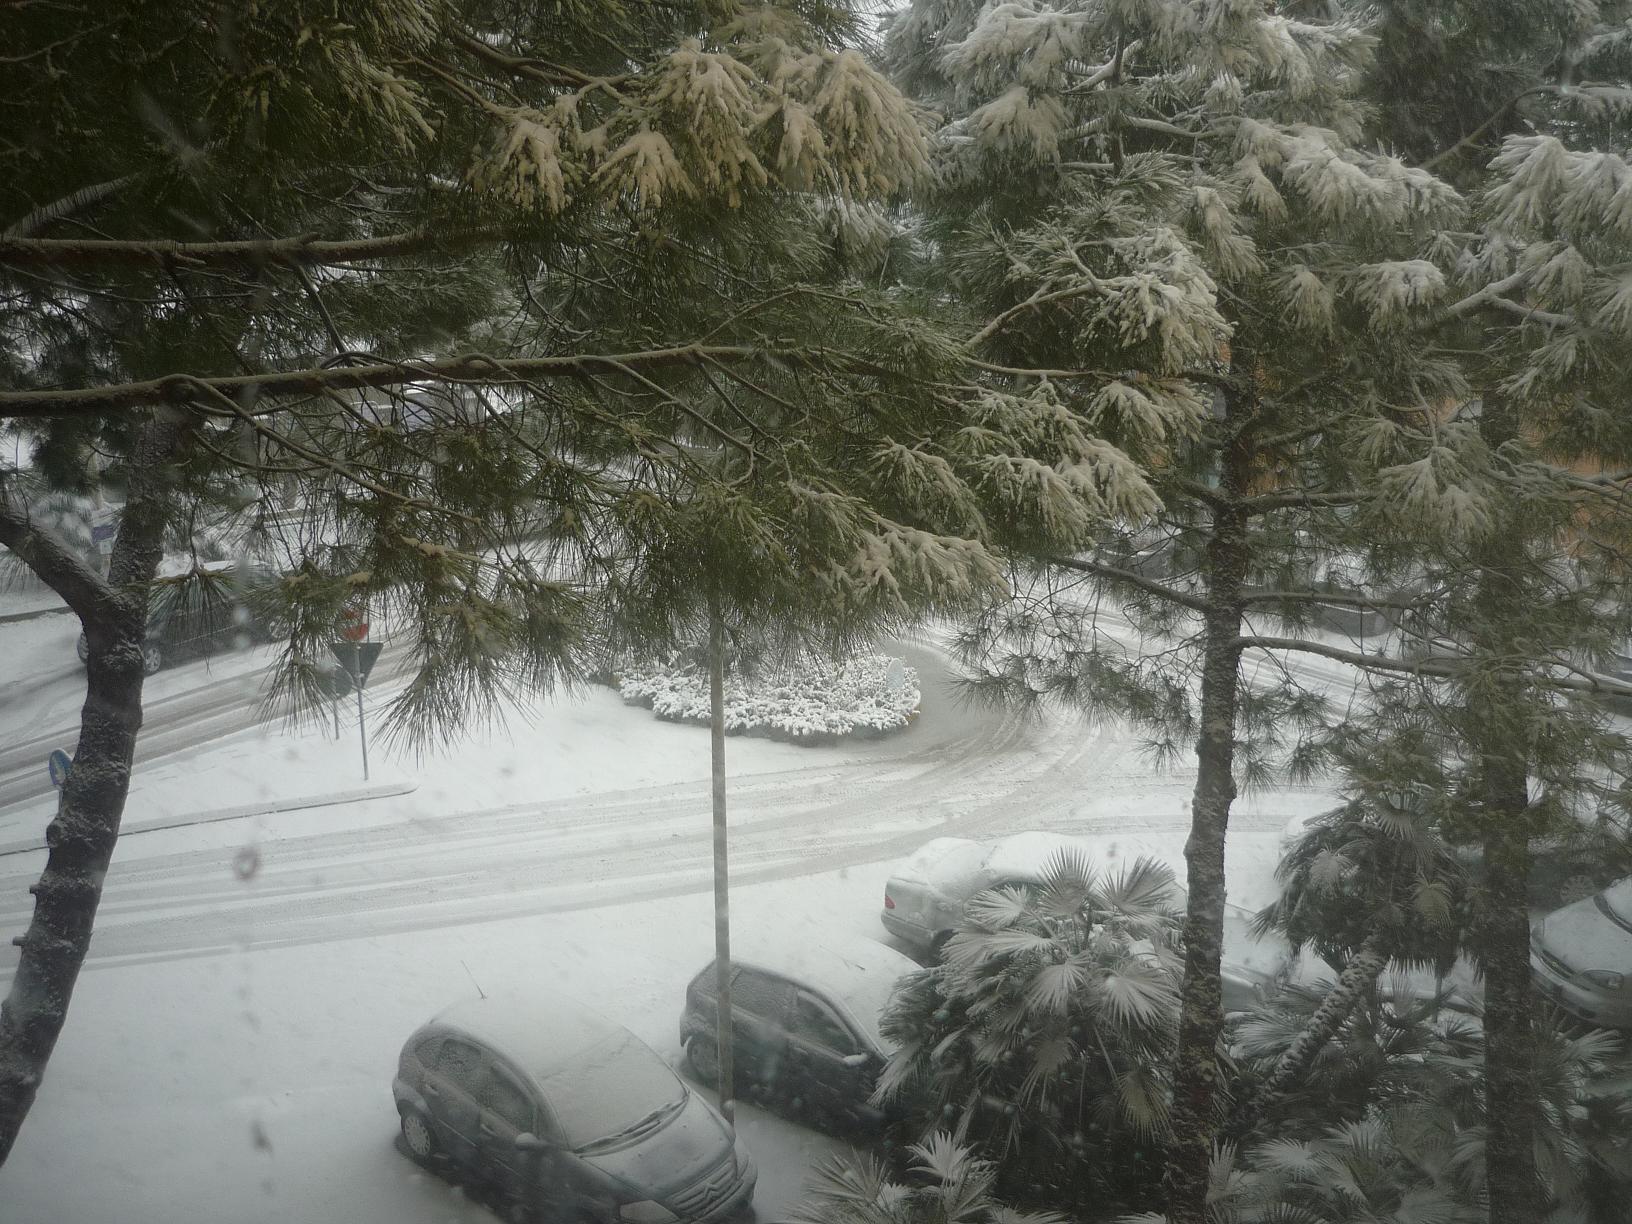 Neve. Stazione di Grottammare, 3 febbraio 2012 (foto di Alessio)